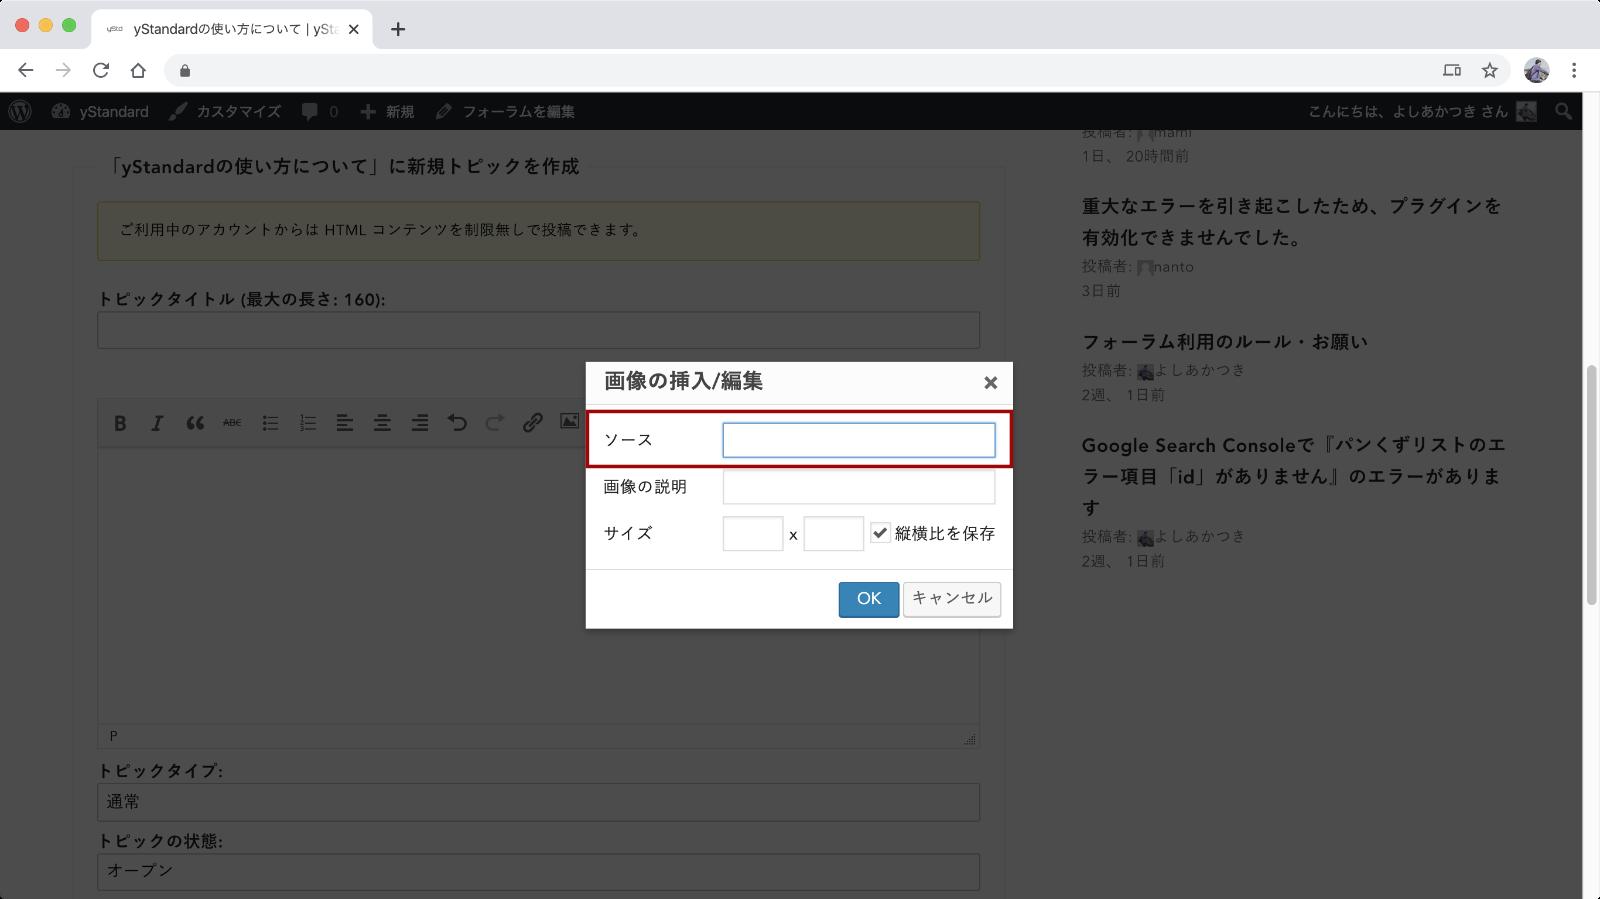 bbPressのビジュアルエディターでは画像はURLの指定のみ